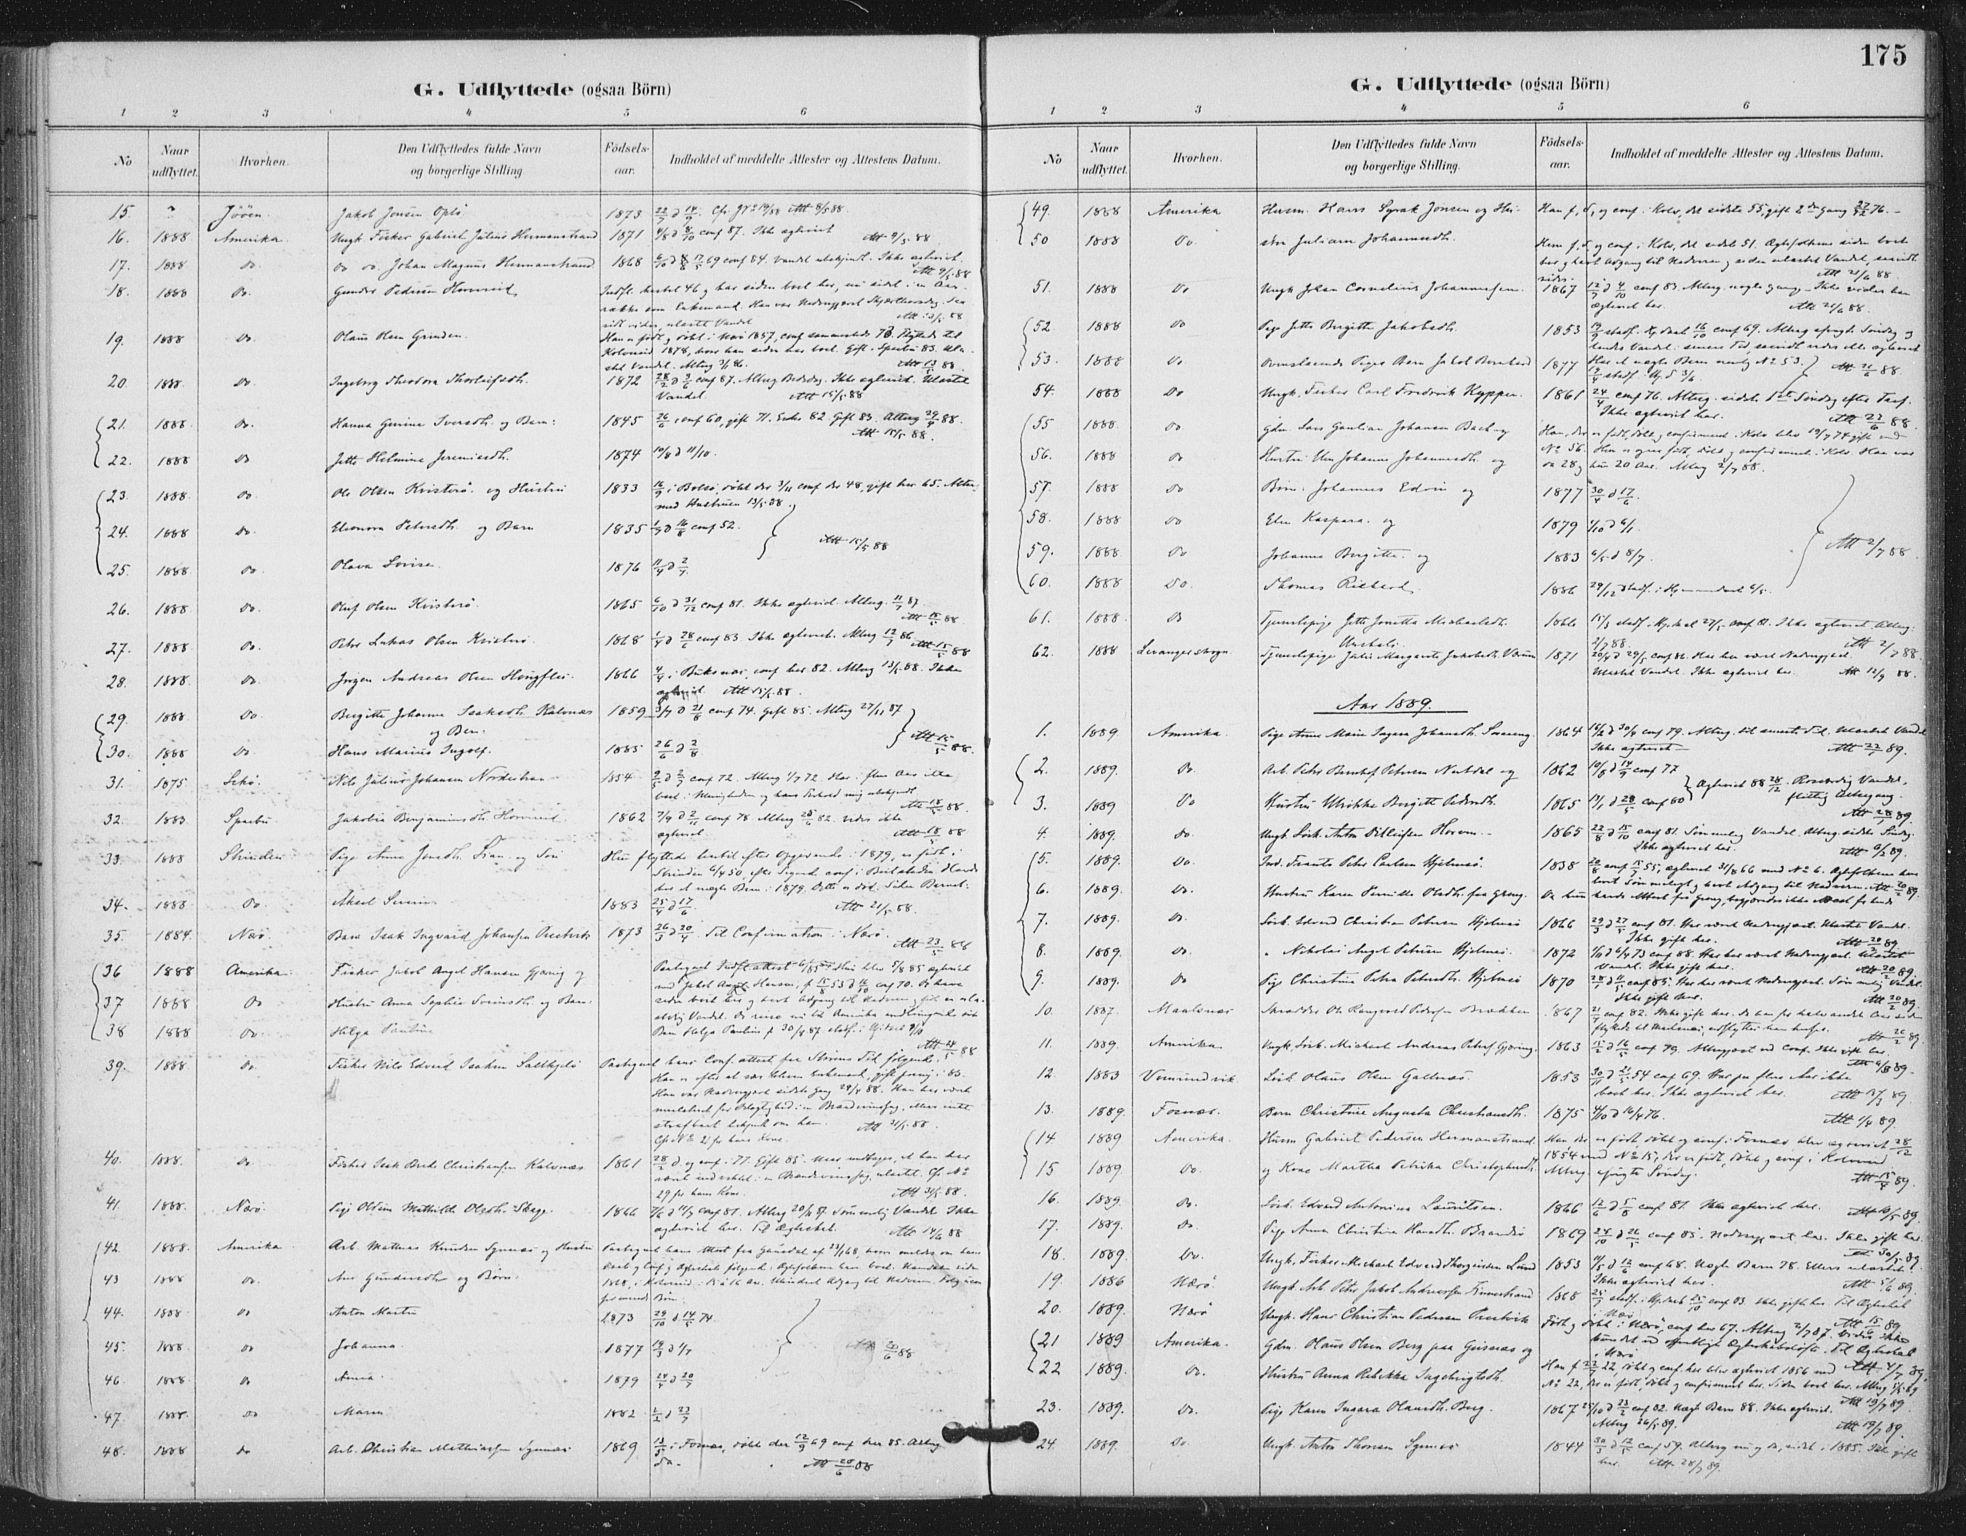 SAT, Ministerialprotokoller, klokkerbøker og fødselsregistre - Nord-Trøndelag, 780/L0644: Ministerialbok nr. 780A08, 1886-1903, s. 175